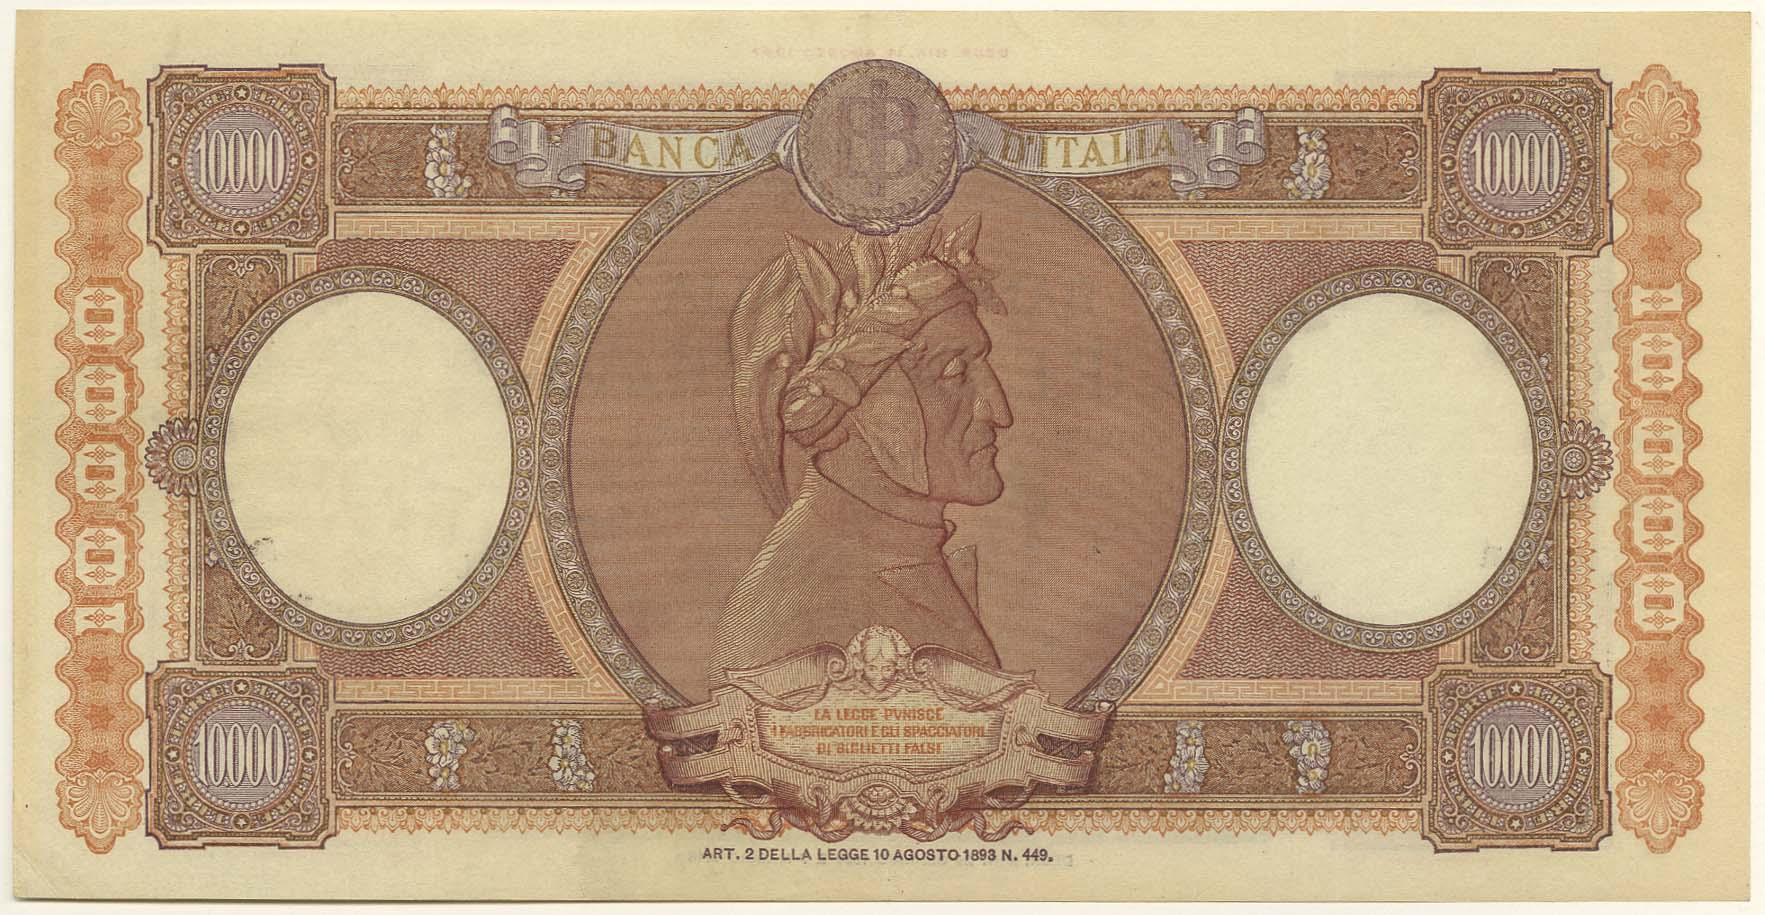 Lot 1925 - Geldscheine_Ausland_Italien  -  Auktionshaus Ulrich Felzmann GmbH & Co. KG Auction 170 International Autumn Auction 2020 Day 2